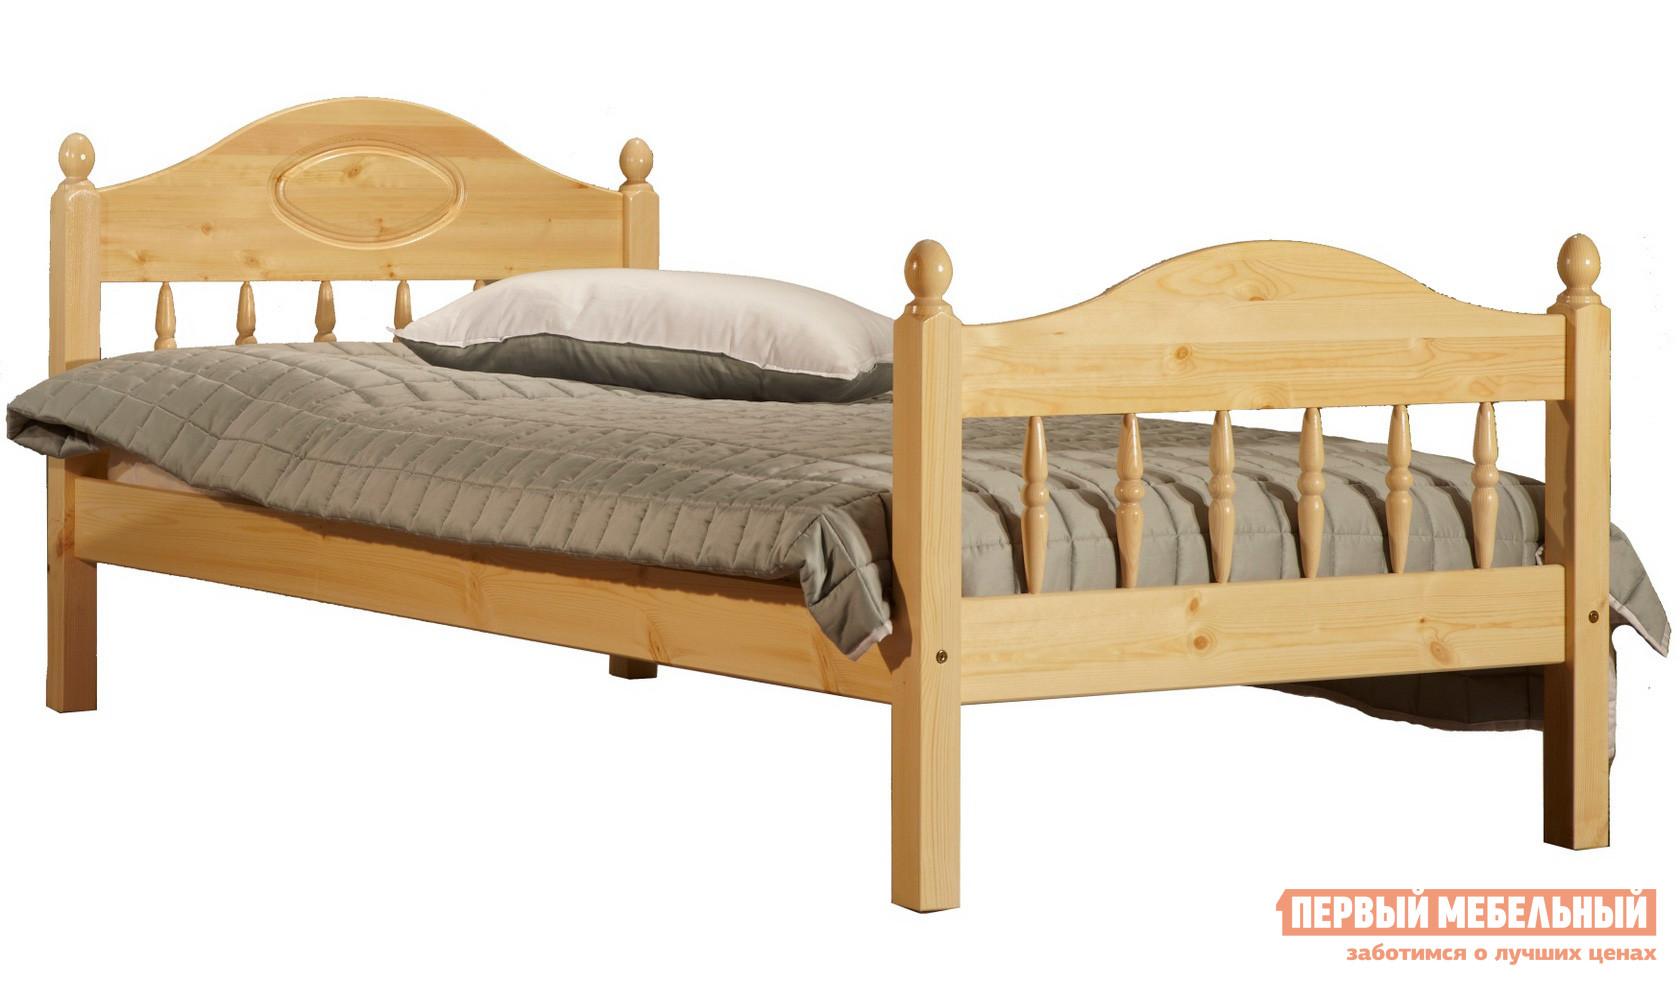 Односпальная кровать Timberica Фрея (F2) интерьерная кровать фрея